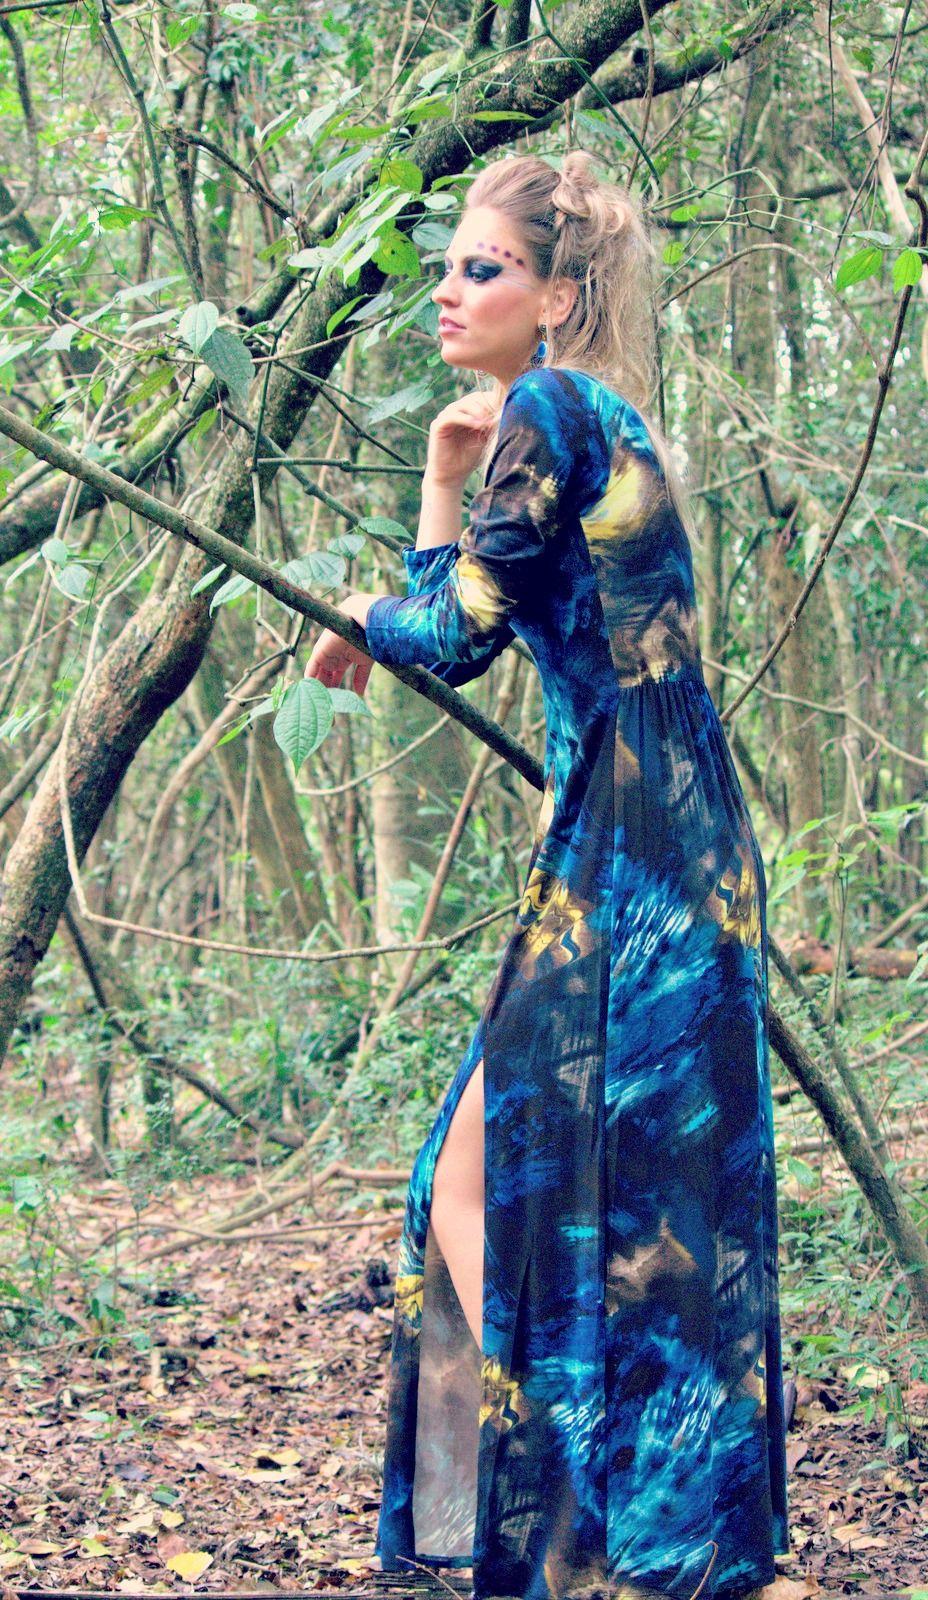 Editorial Mulheres da Floresta - Inverno 2014. www.asuamaneira.com.br by Ateliê Evolução Eco